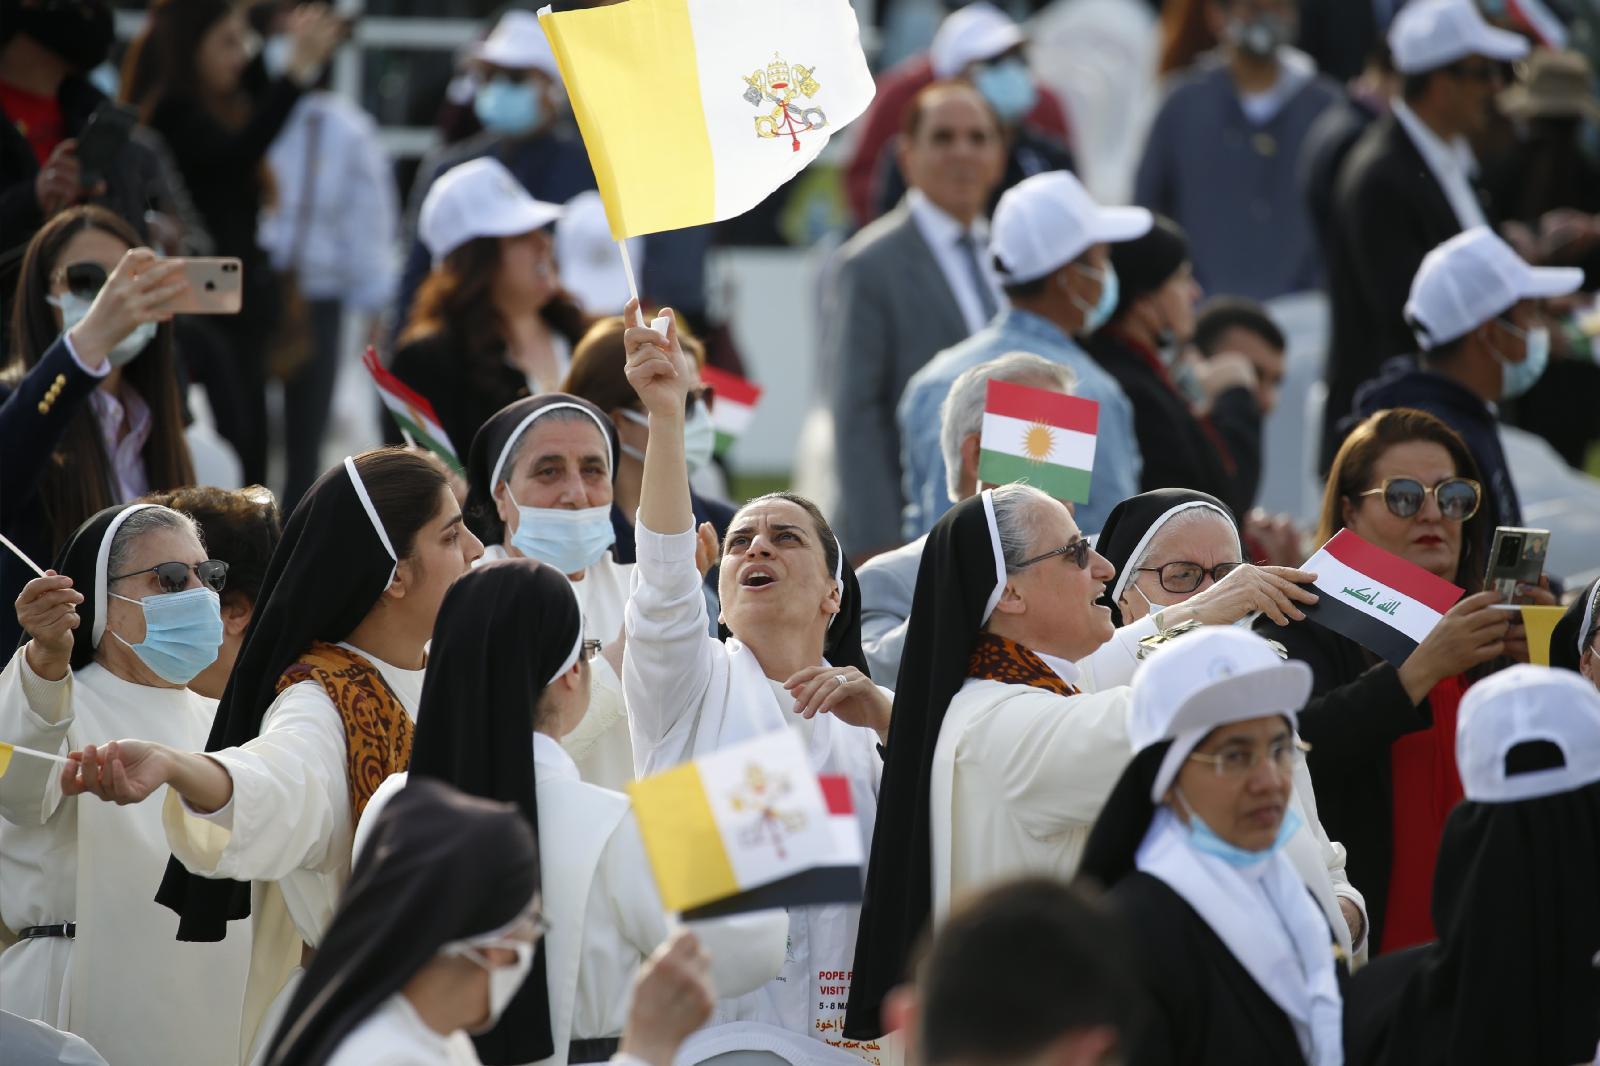 البابا فرنسيس يختتم قداسه بأربيل: العراق دائماً معي وأحيي الشعب الكوردي من القلب